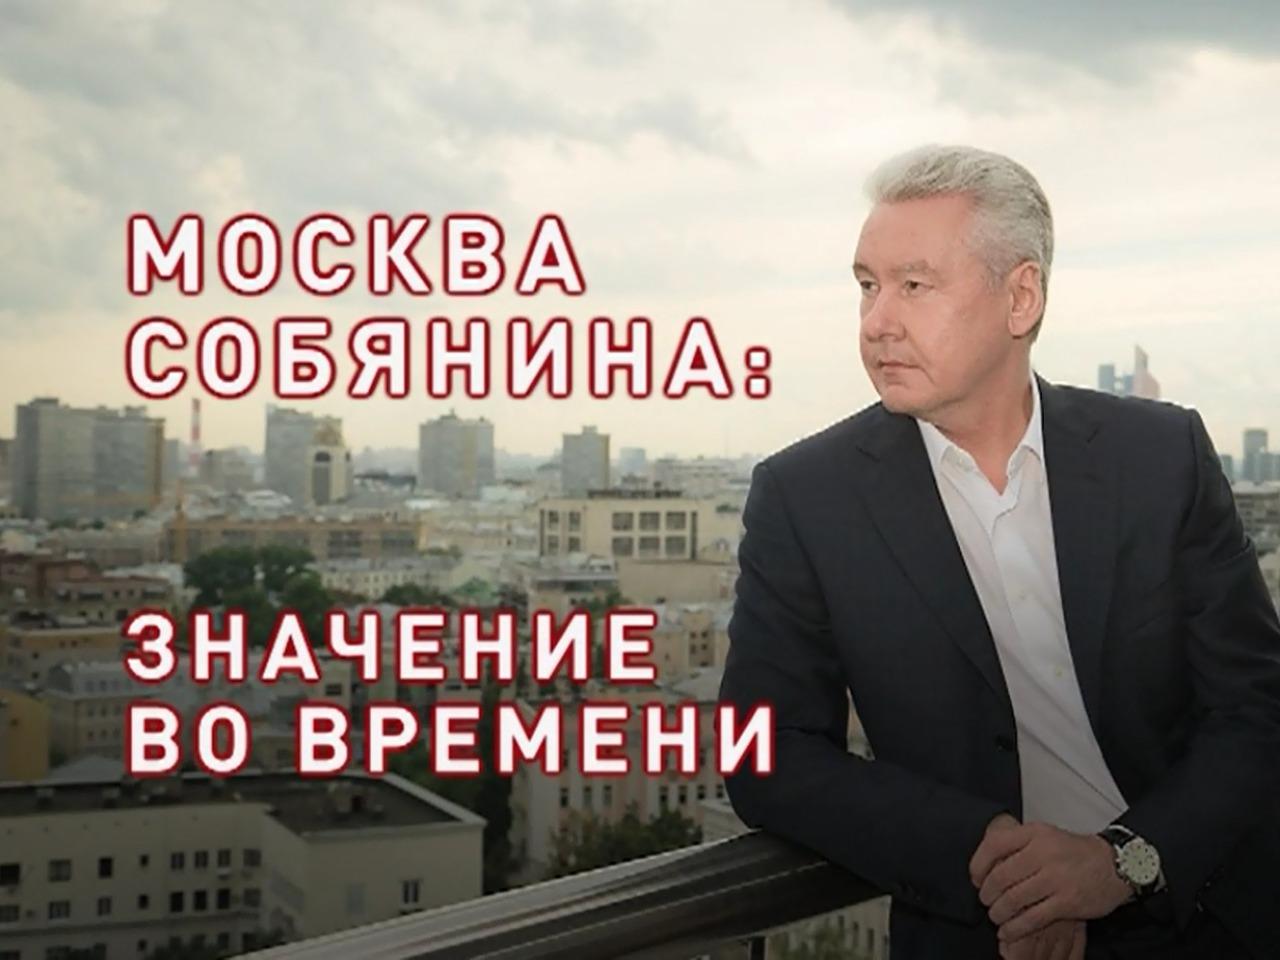 Новый документальный фильм Андрея Караулова «Москва Собянина: значение во времени»